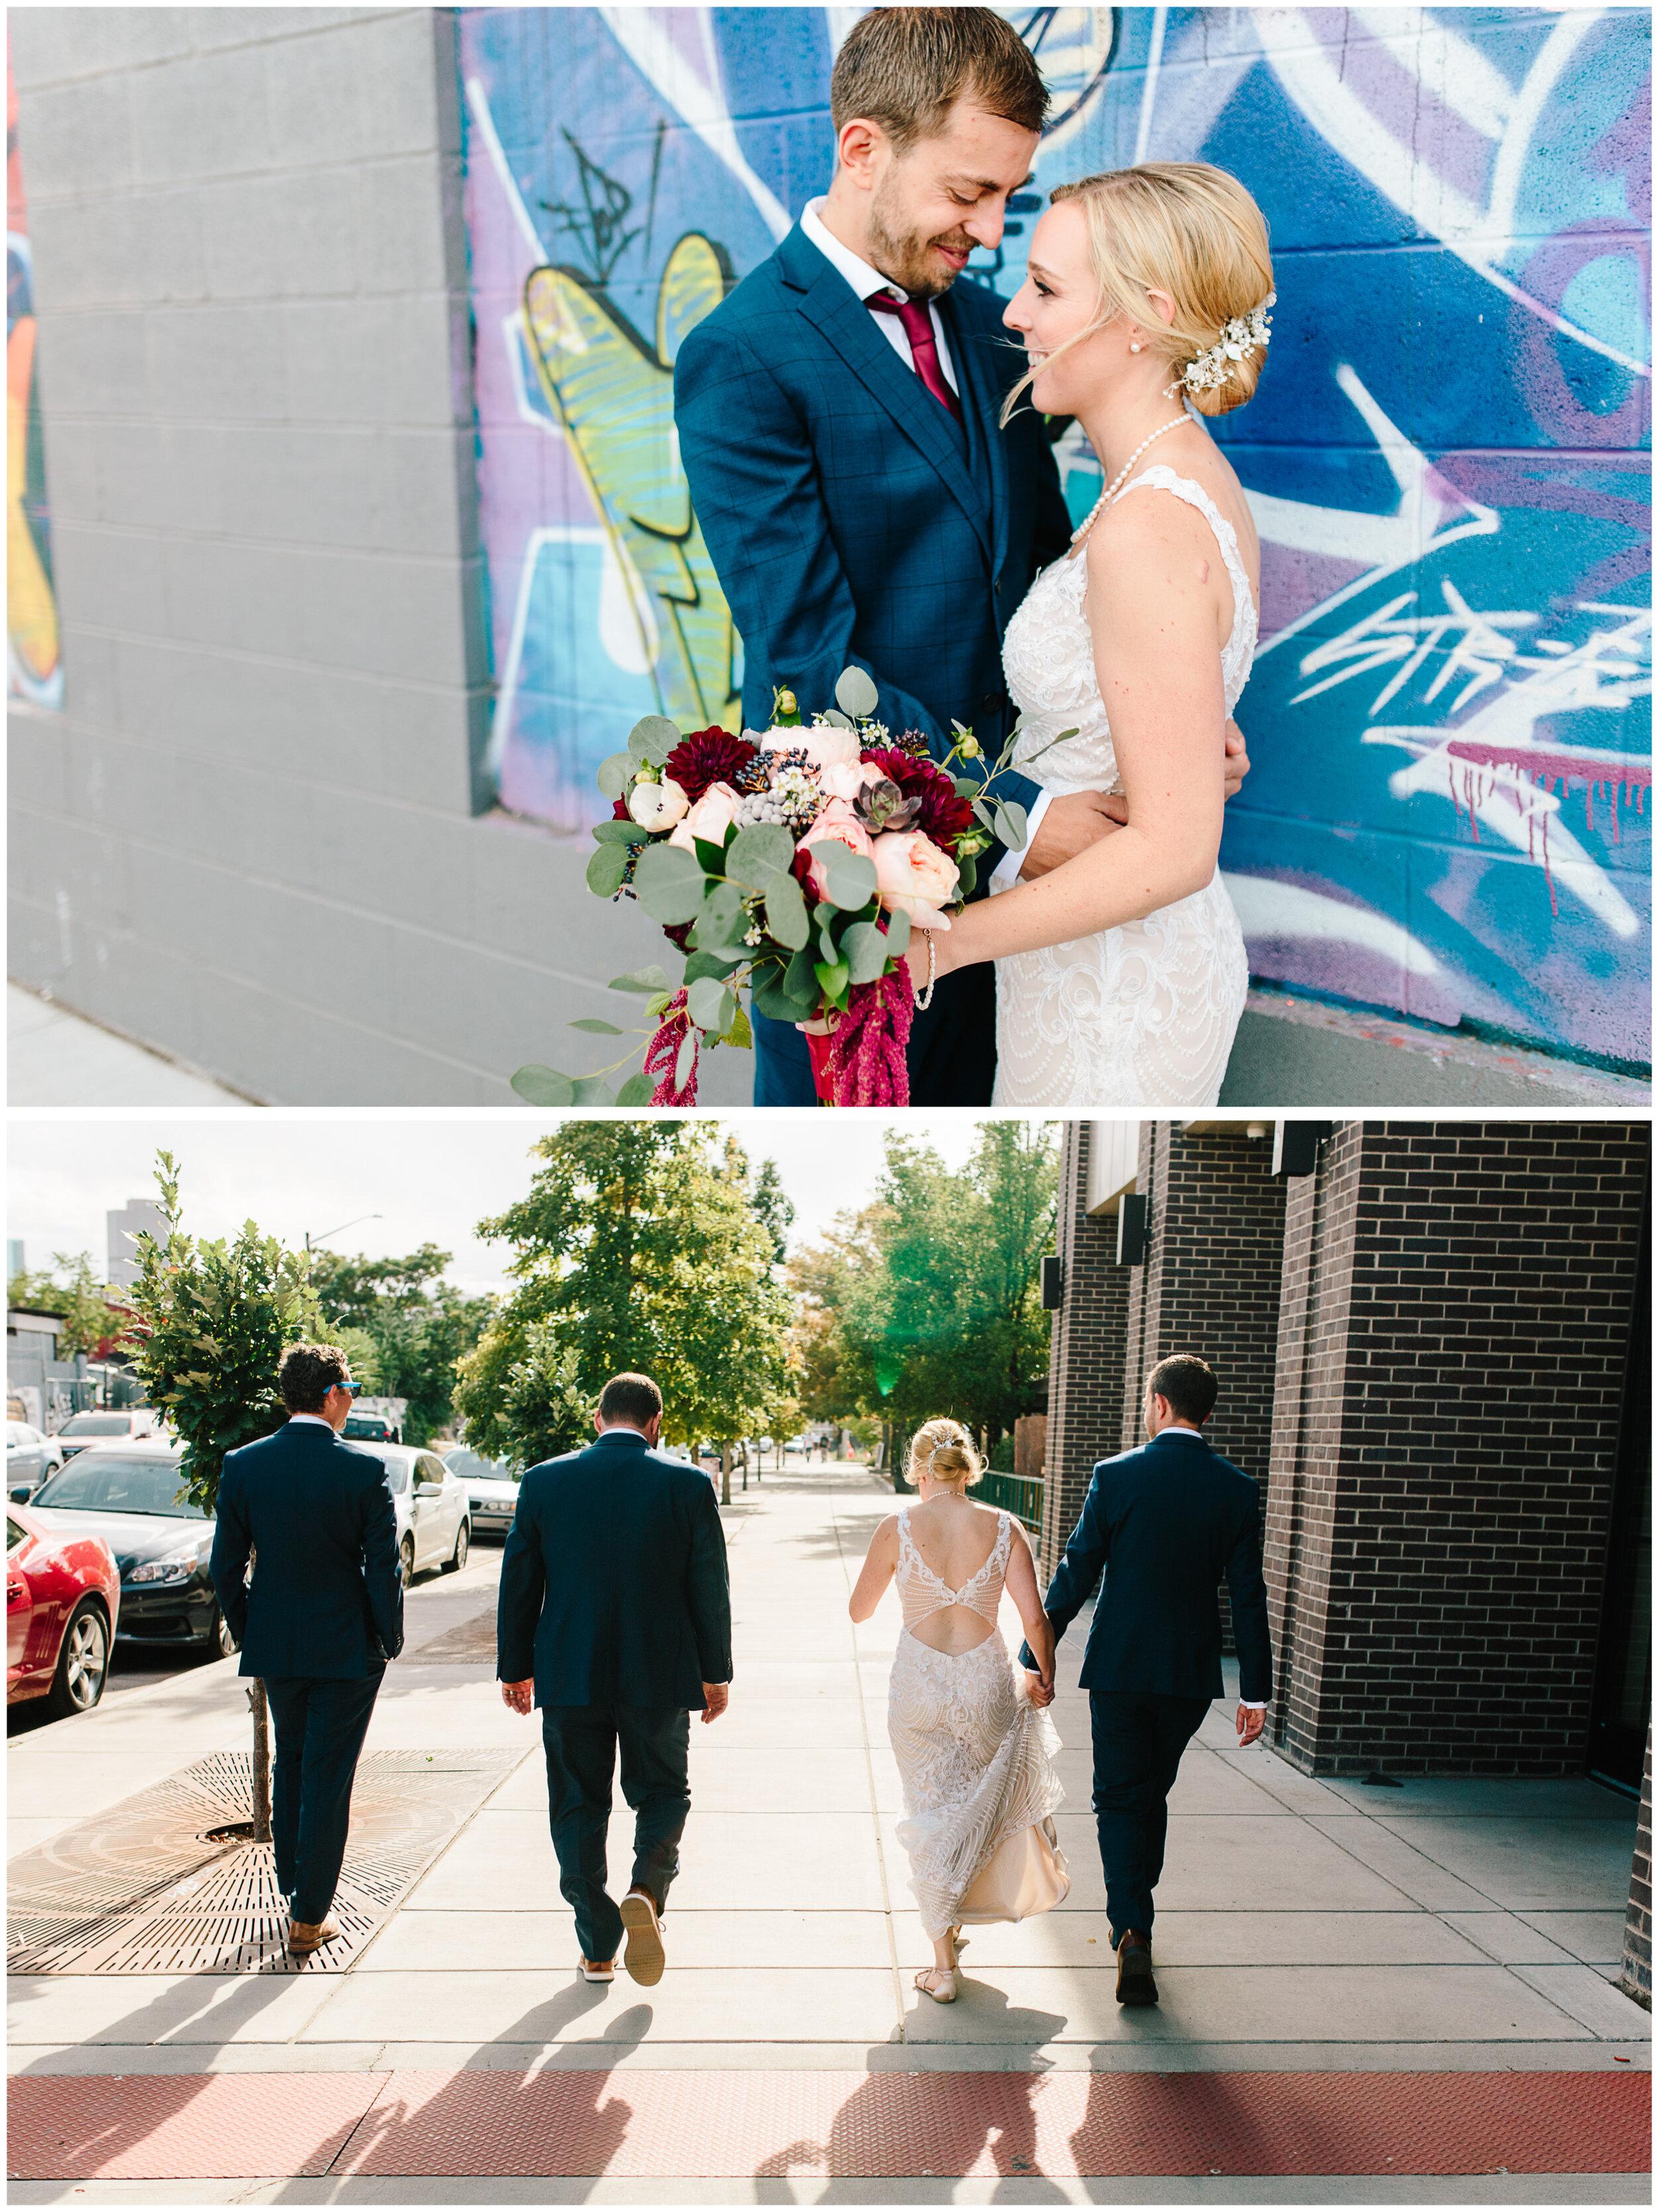 Blanc_Denver_Wedding_31.jpg